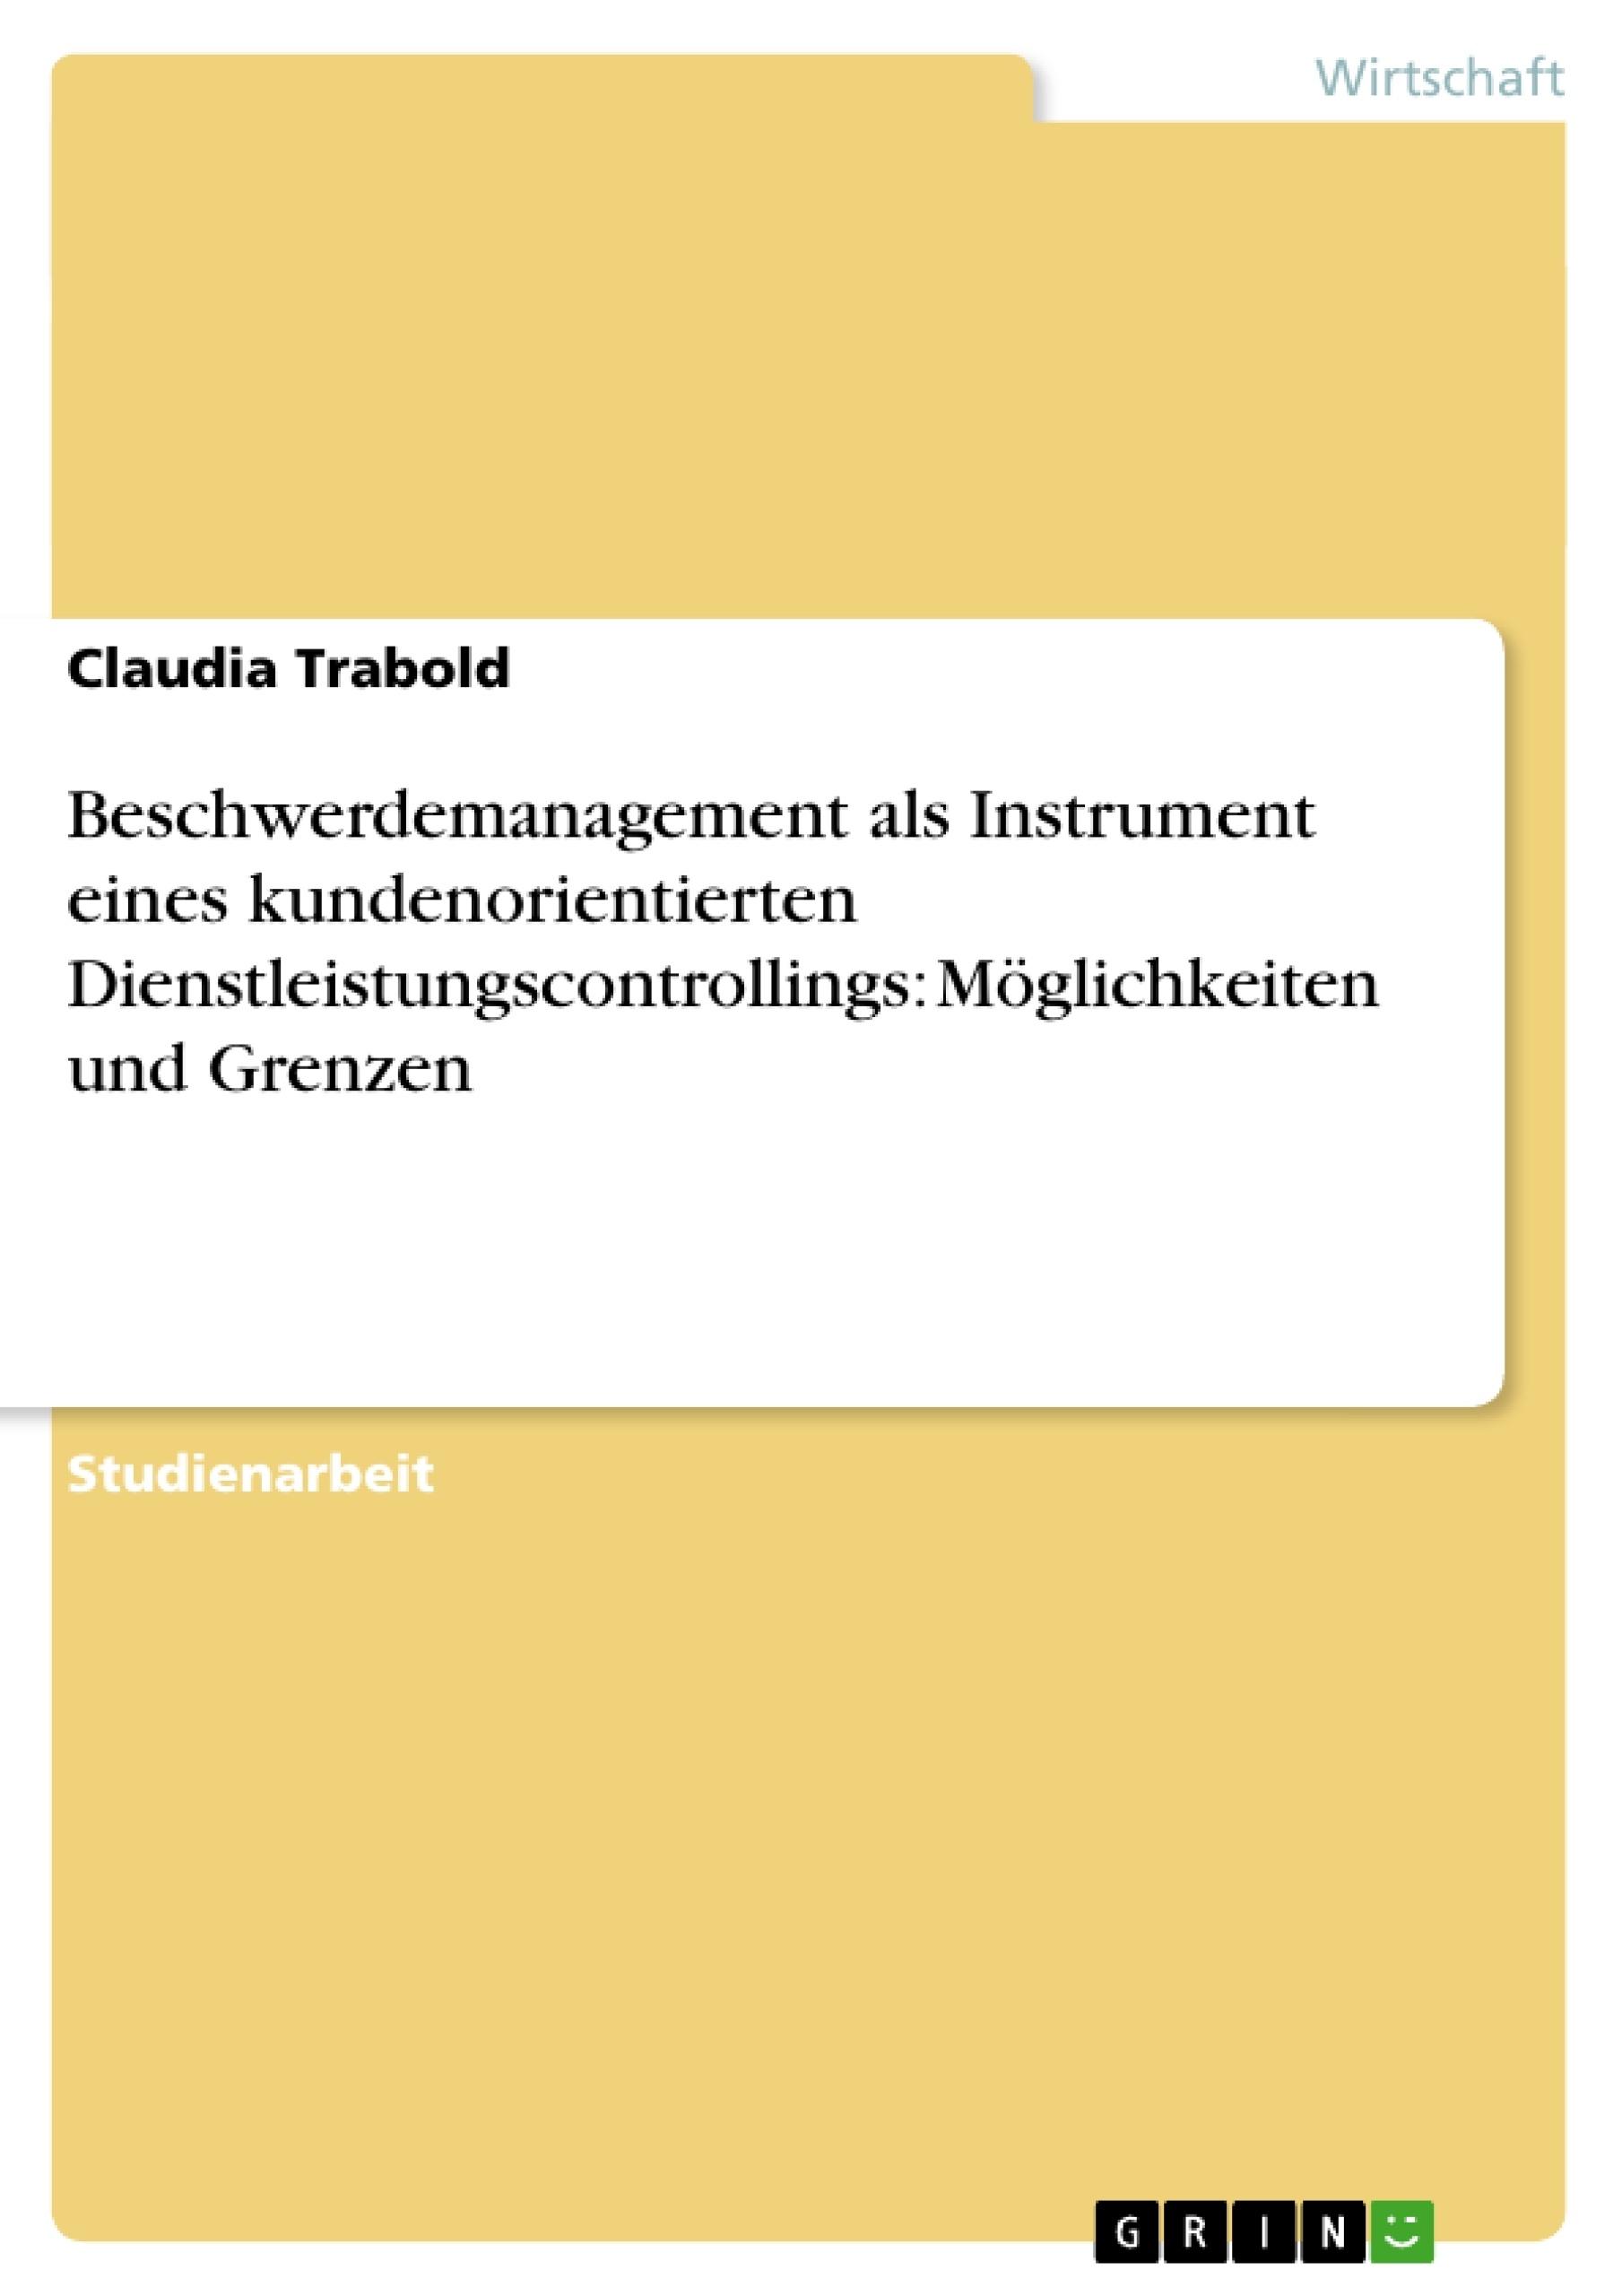 Titel: Beschwerdemanagement als Instrument eines kundenorientierten Dienstleistungscontrollings: Möglichkeiten und Grenzen